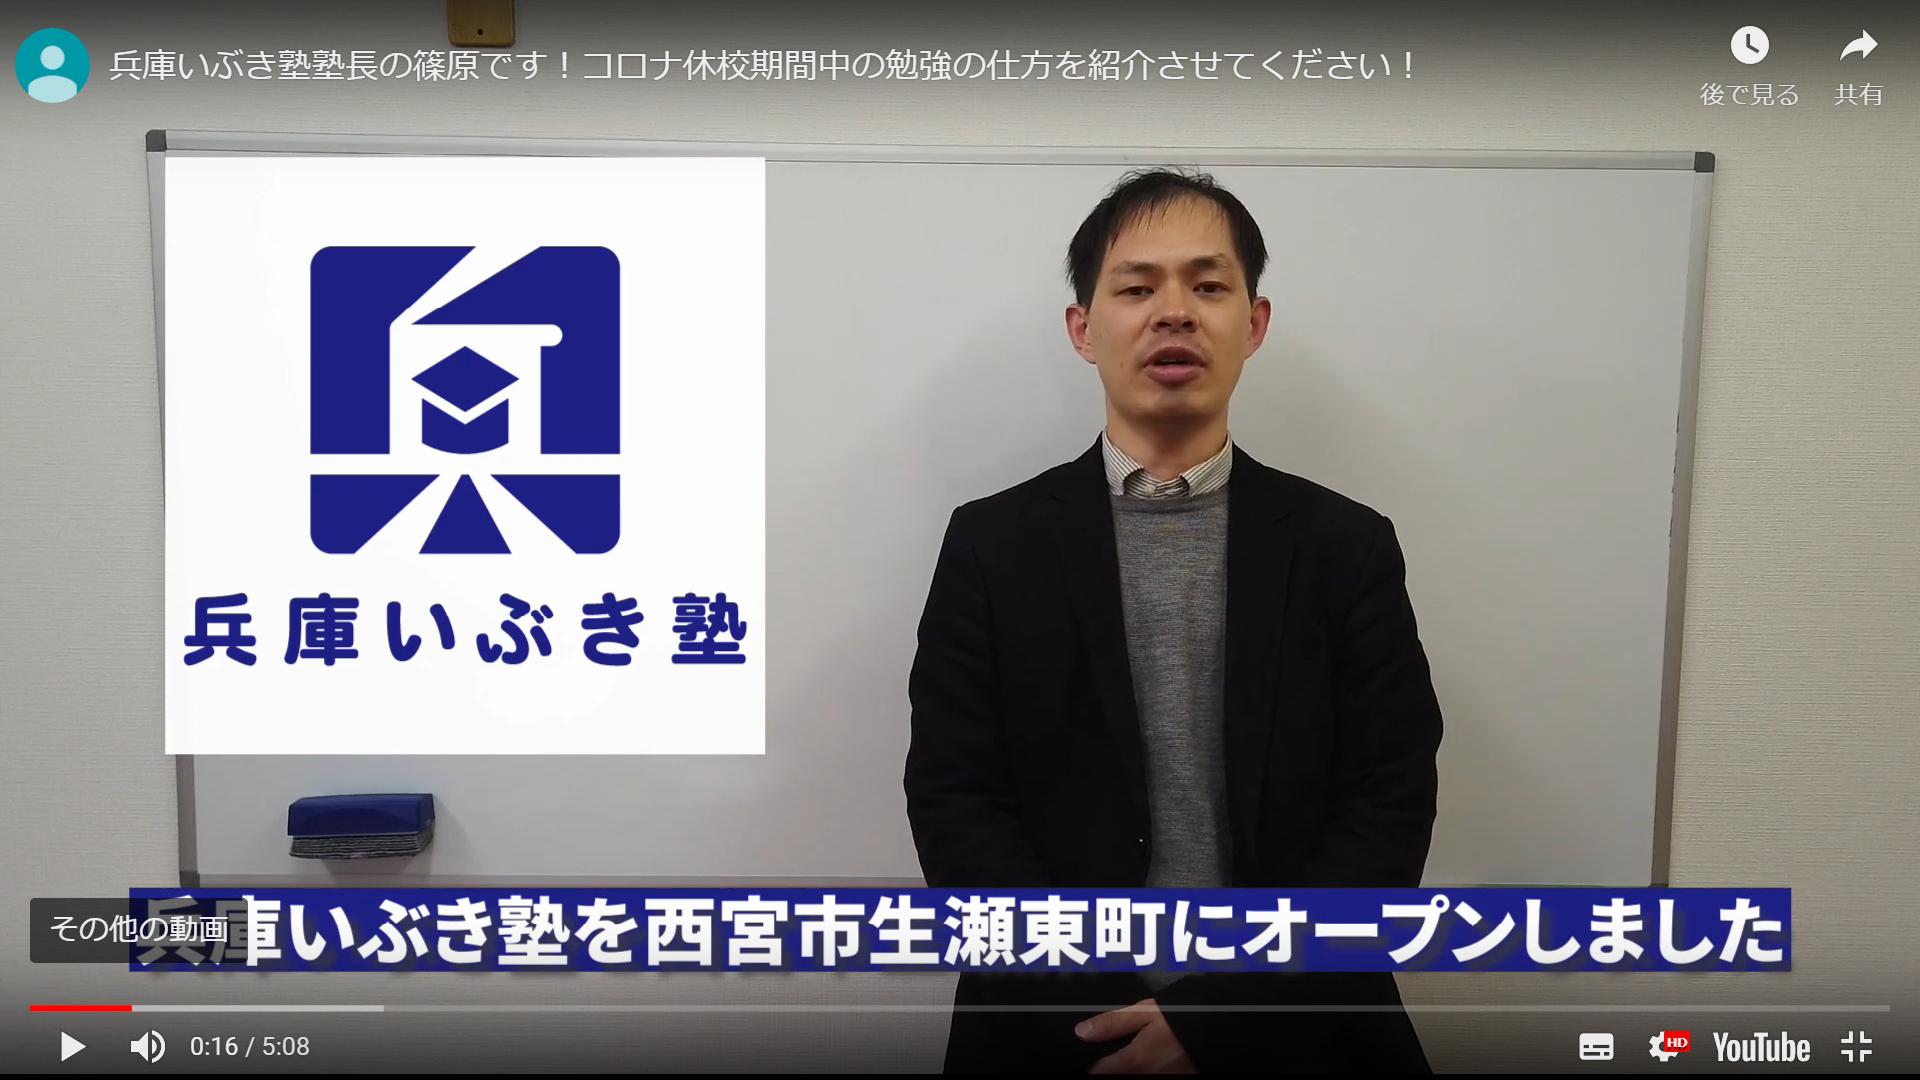 兵庫いぶき塾はYouTubeチャンネルを開設しました!